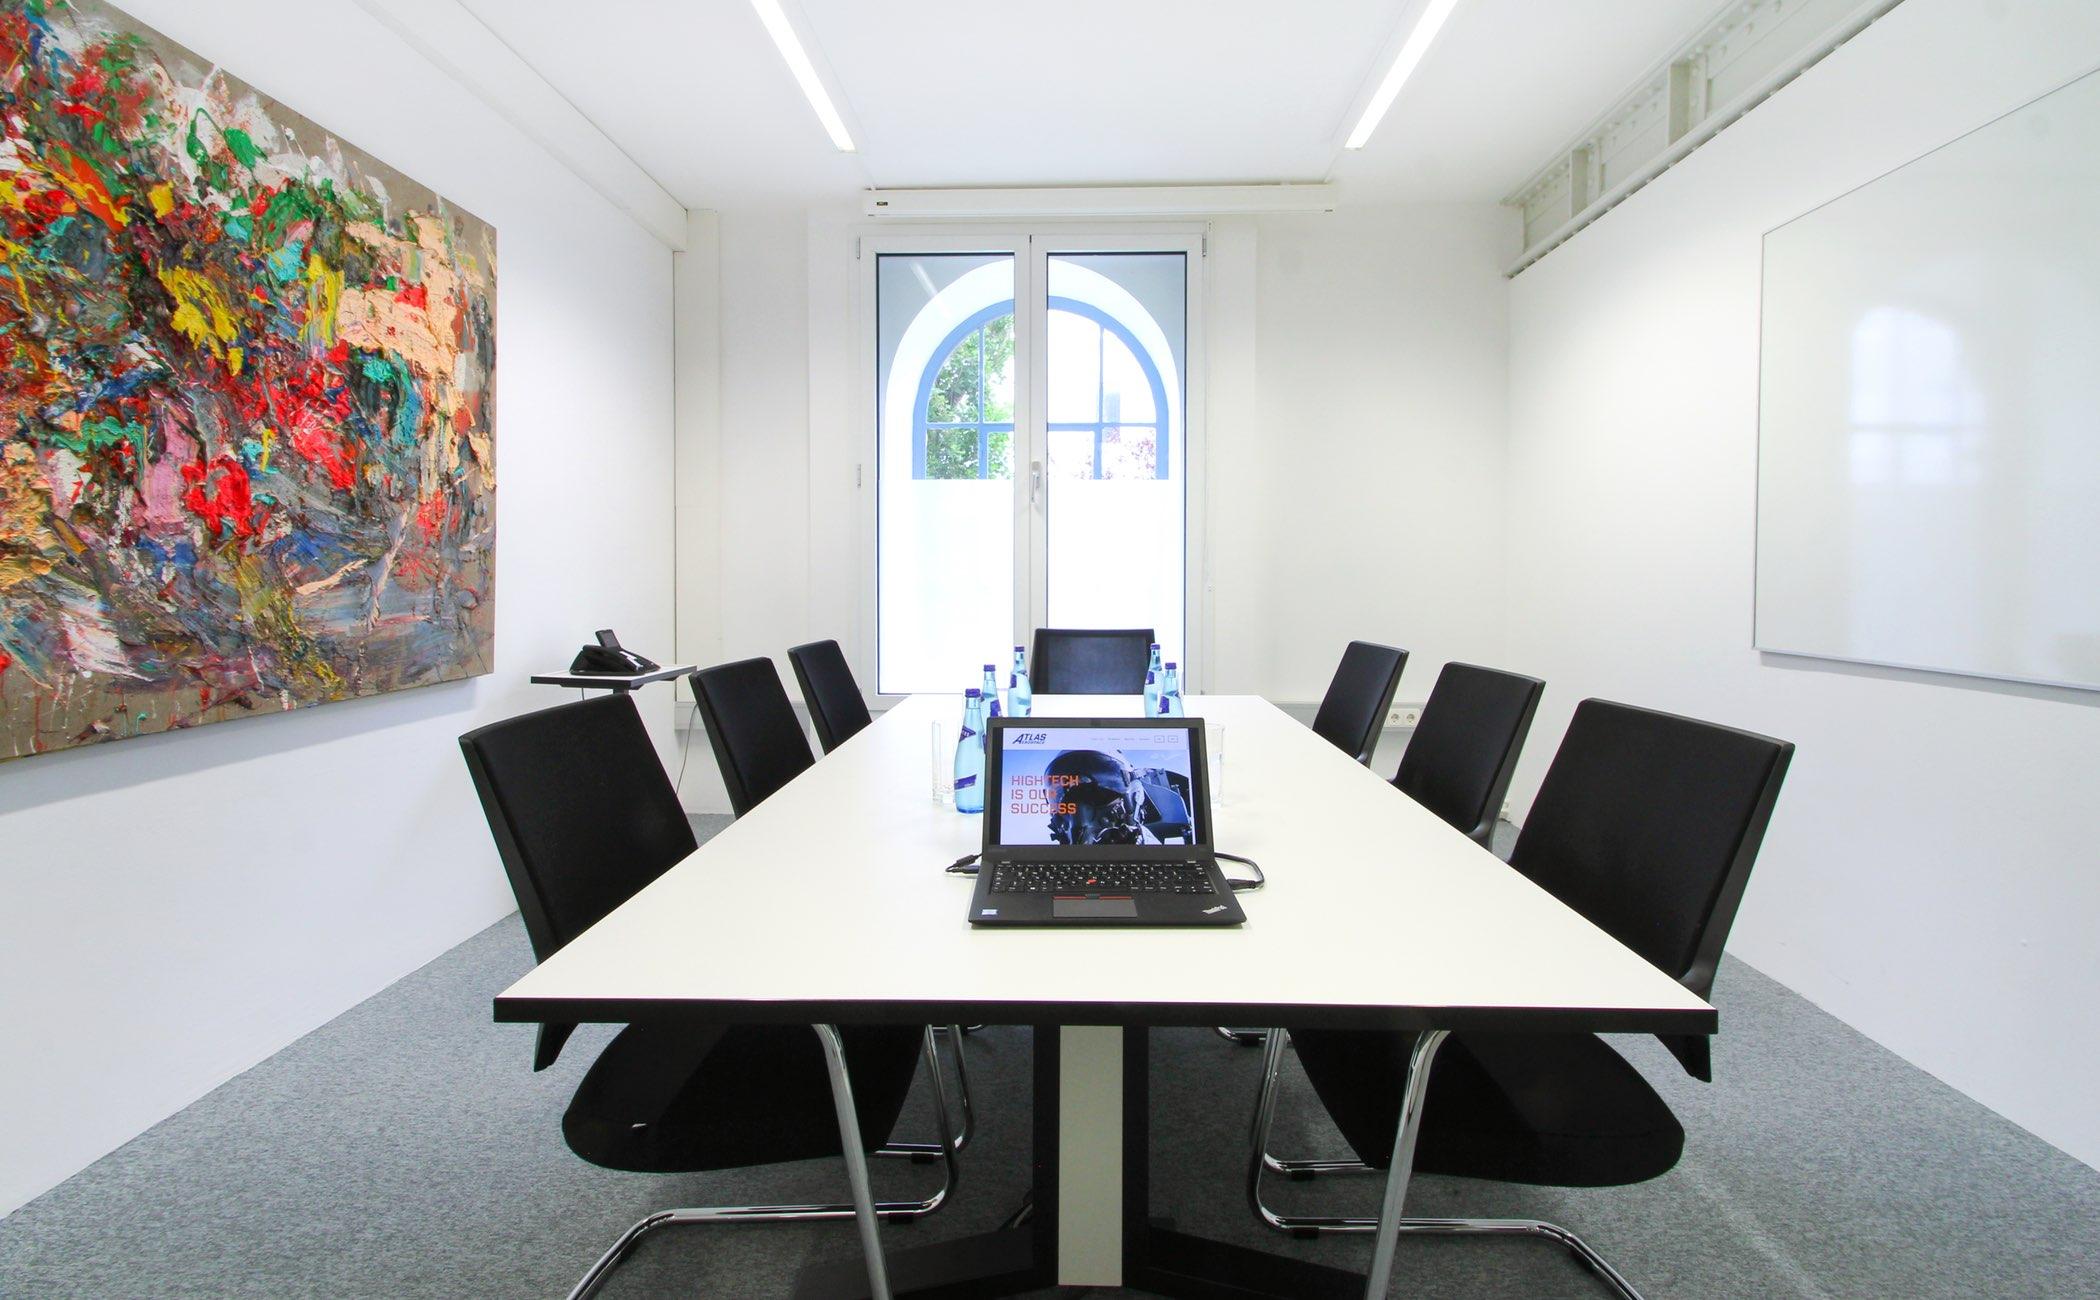 ....  Nutzen Sie unsere Räumlichkeiten für Ihre Meetings, Einzelgespräche oder Konferenzen  ..  Make use of our premises for your business meetings, one-on-ones or conferences  ....